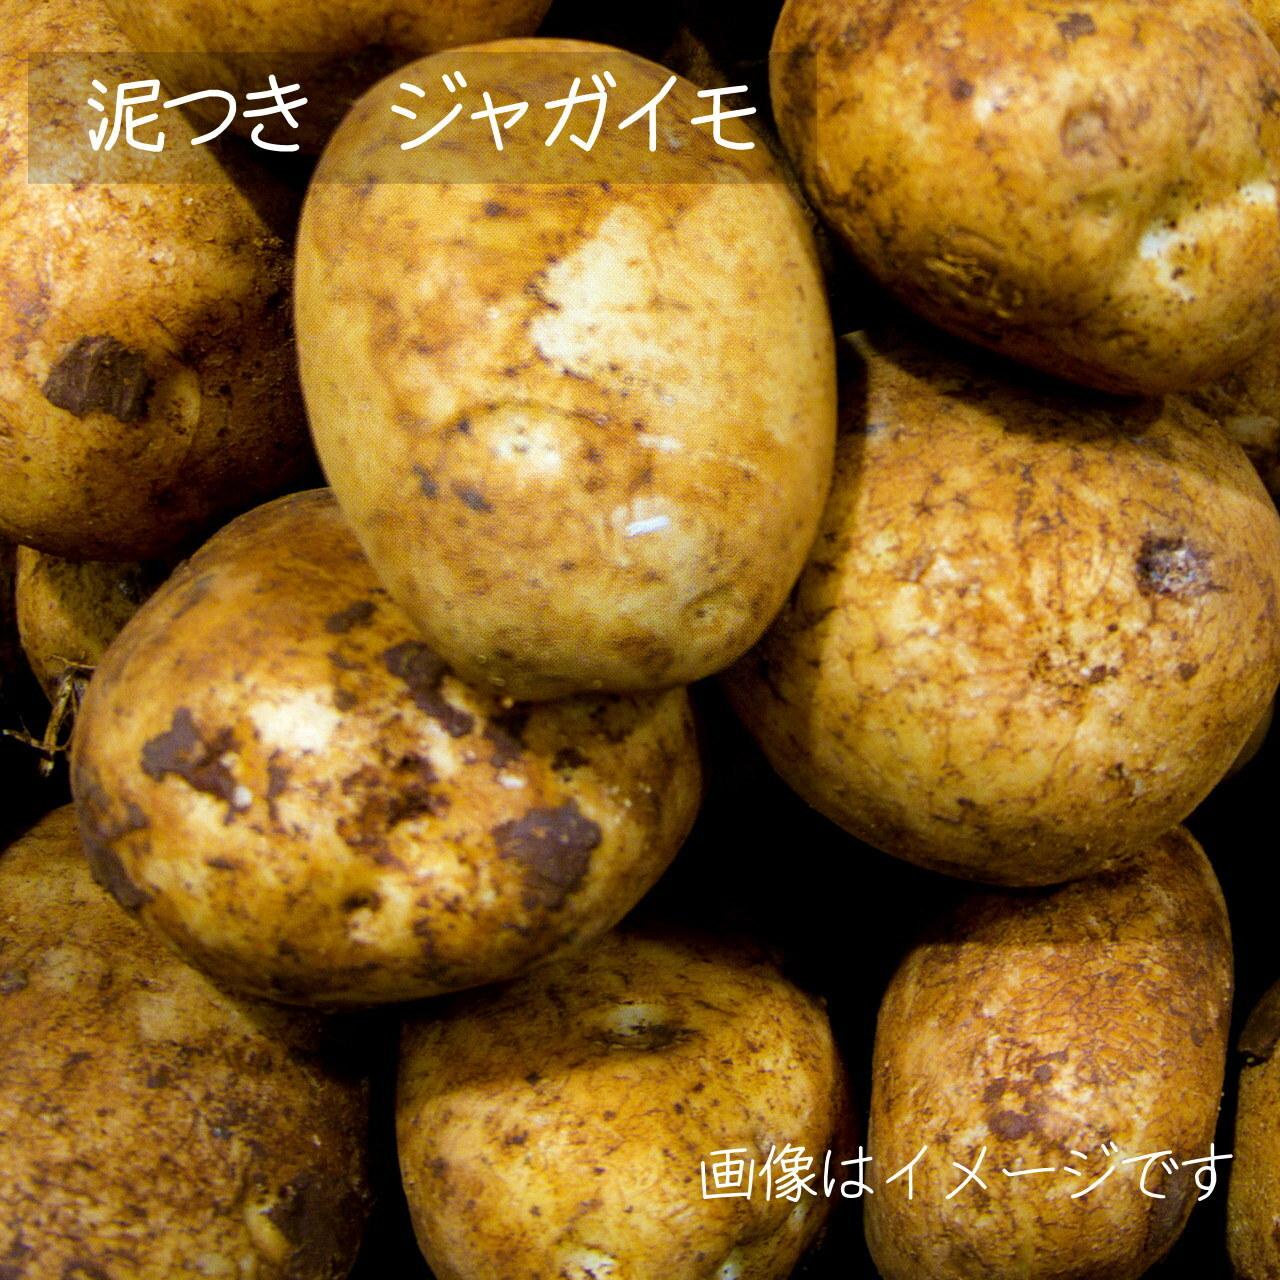 7月の新鮮野菜 :  ジャガイモ 約600g 朝採り直売野菜 7月6日発送予定